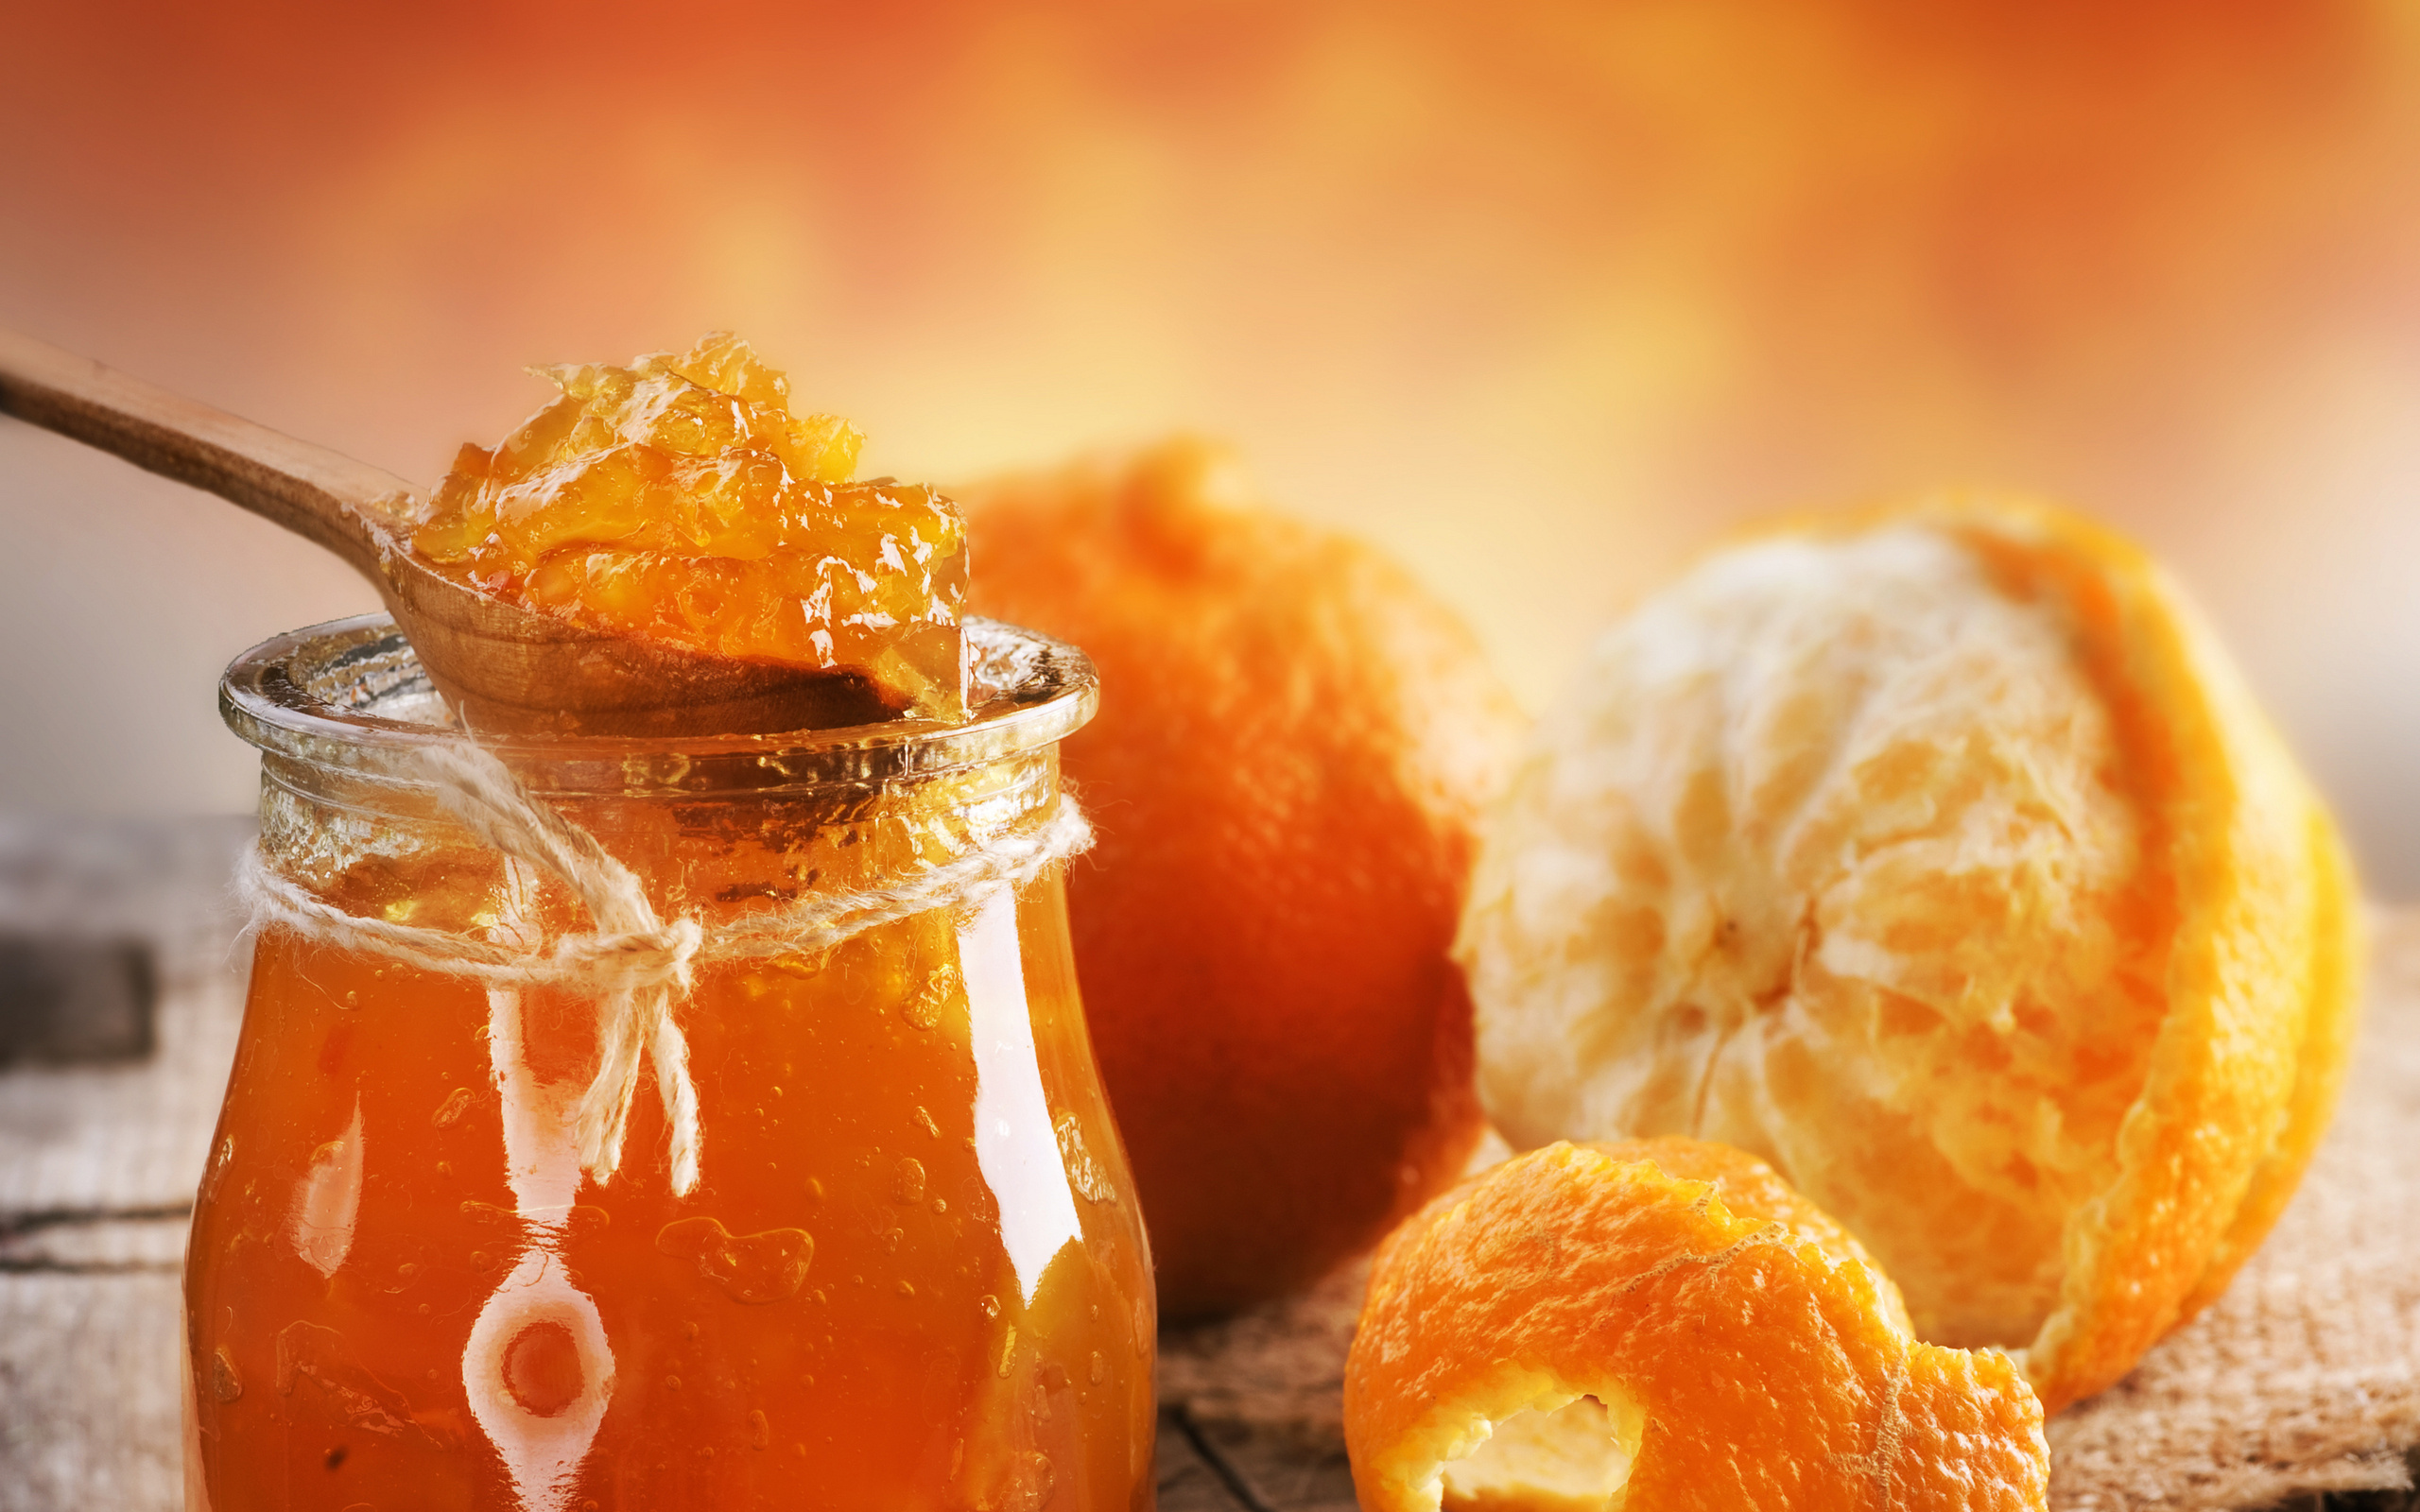 мандарин веер шар бесплатно